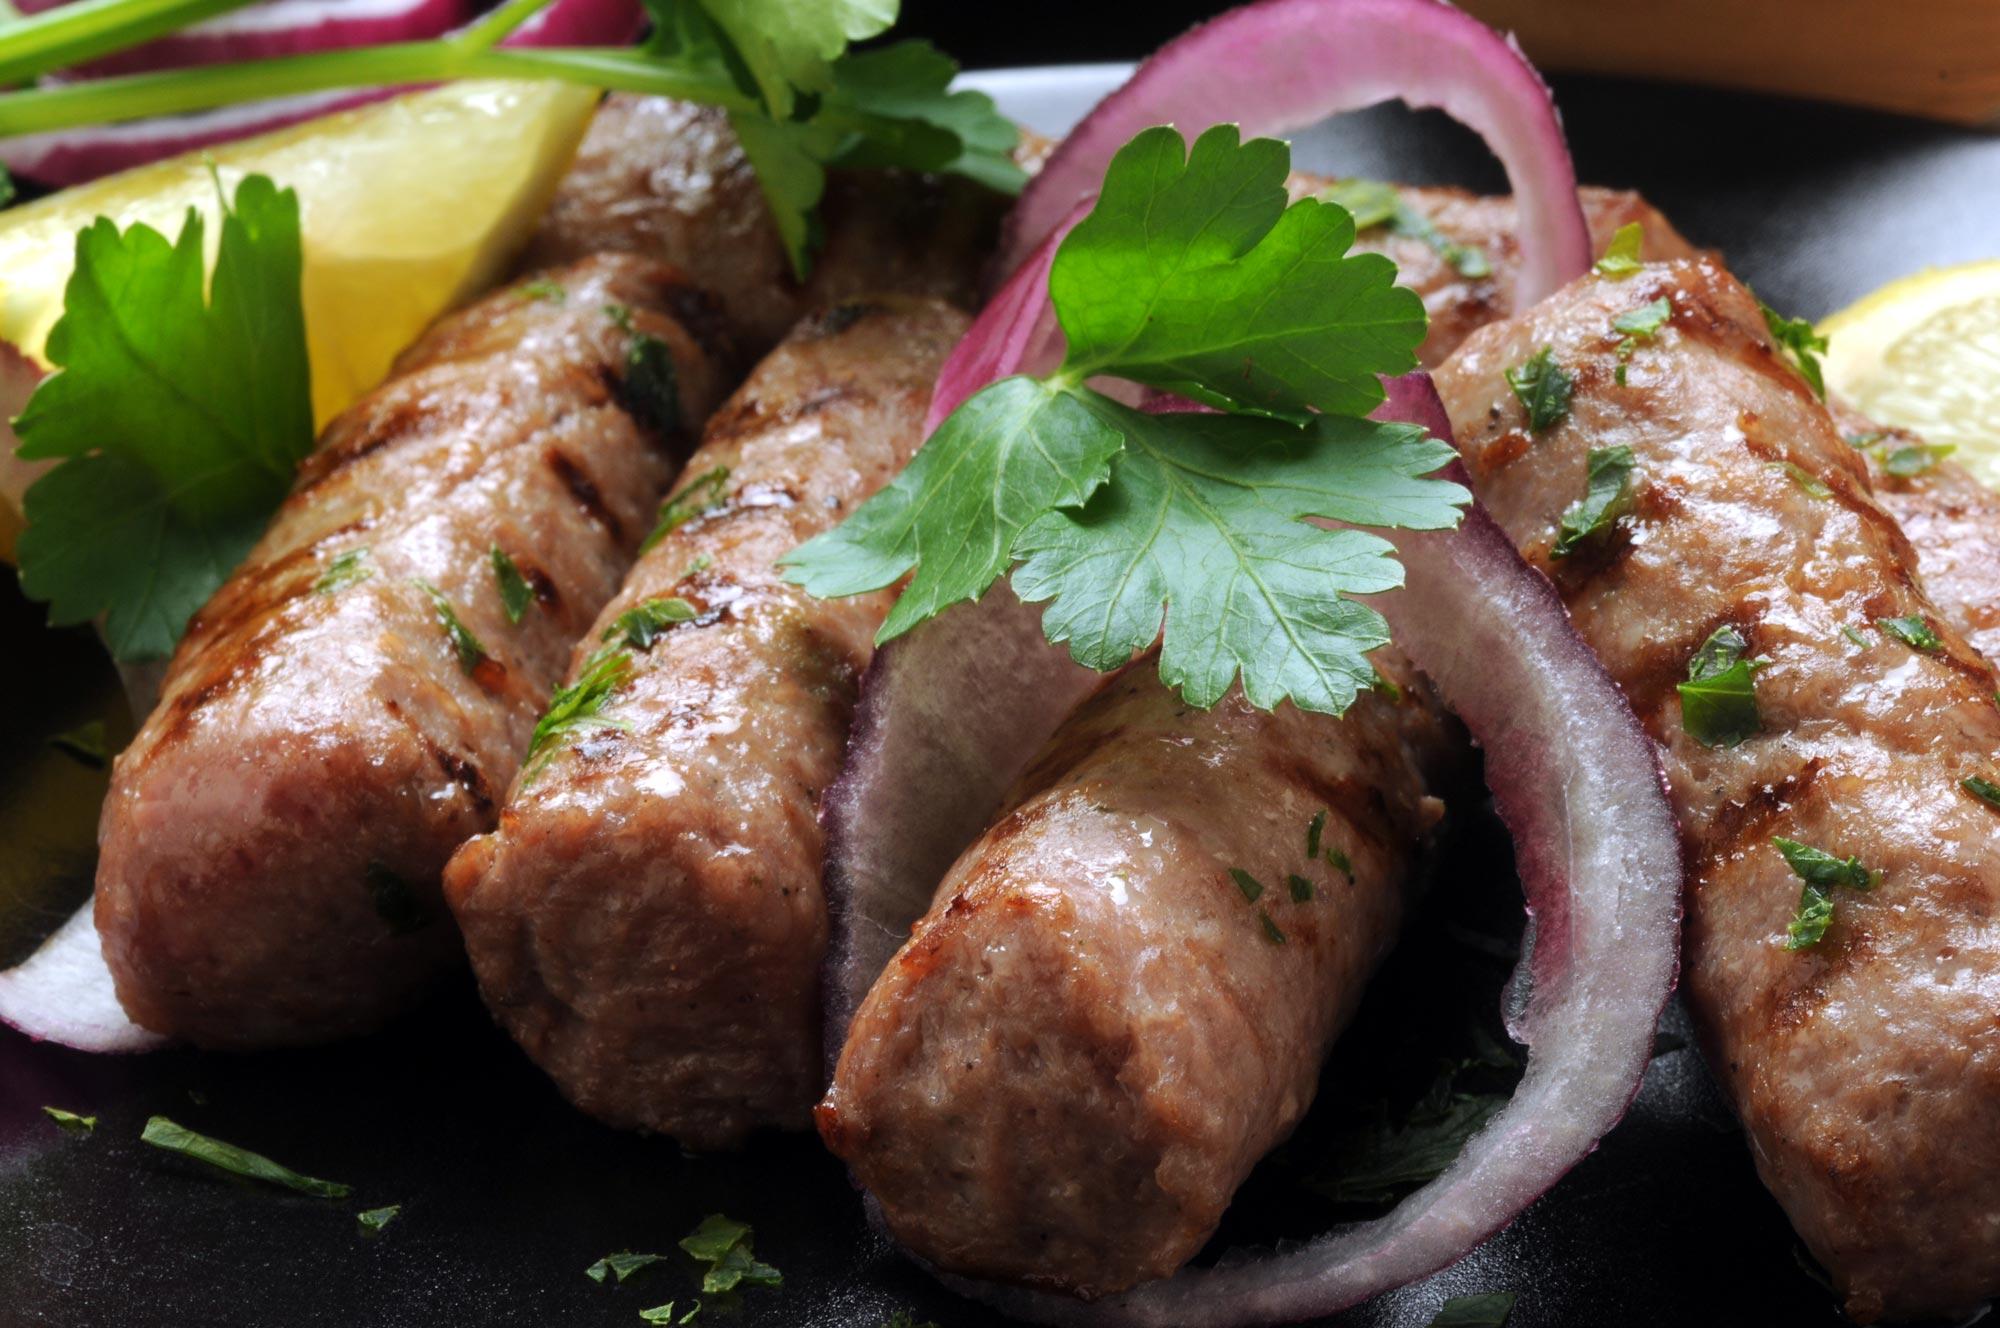 Cevapcici serveret med bønnesalat vendt i salsa verte